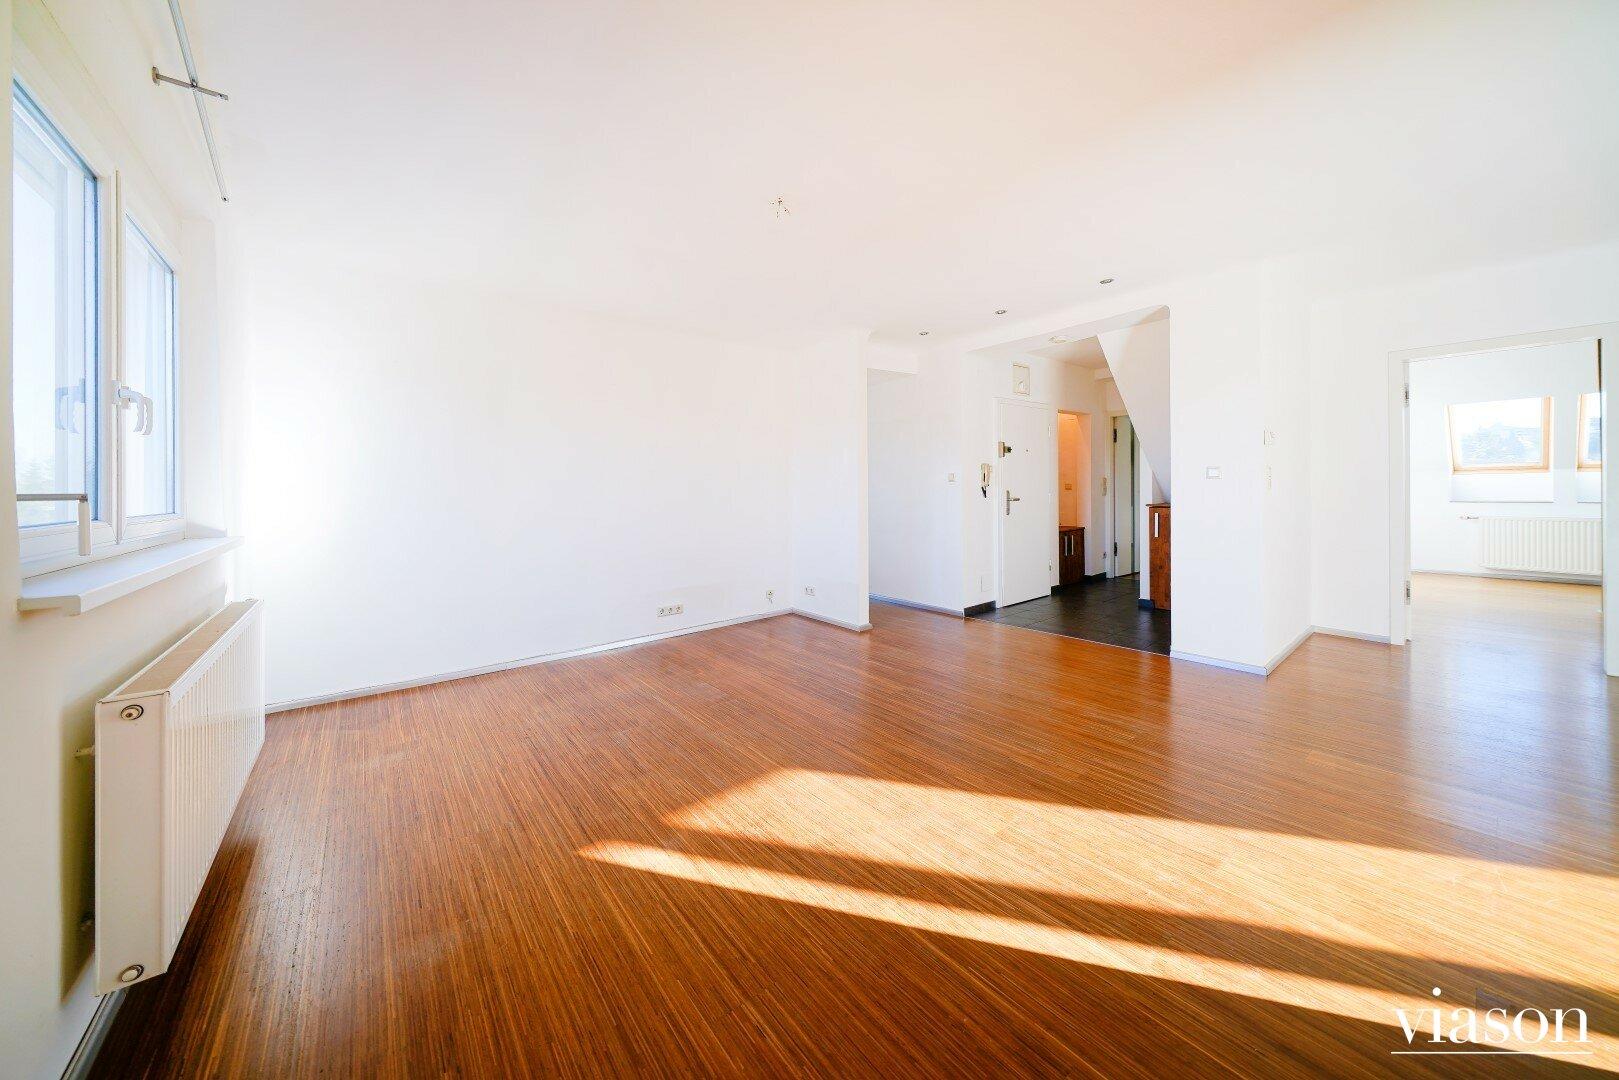 Wohnzimmer mit Blick zum Vorraum